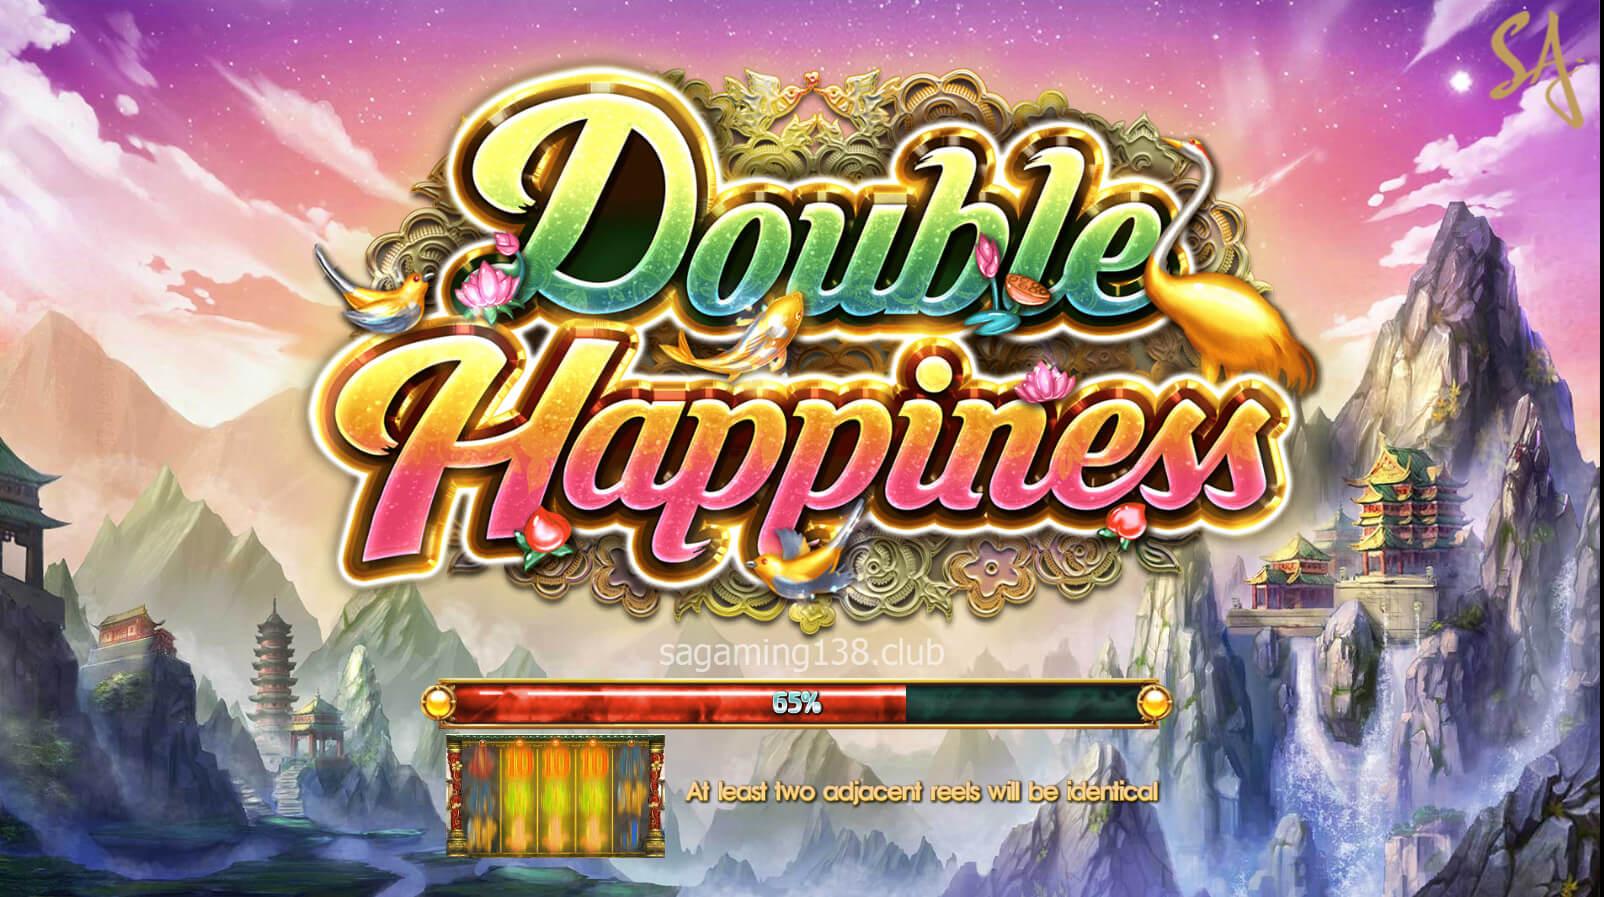 เกมสล็อตออนไลน์ Double Happiness 7 SA Gaming คาสิโนออนไลน์ที่ดีที่สุด